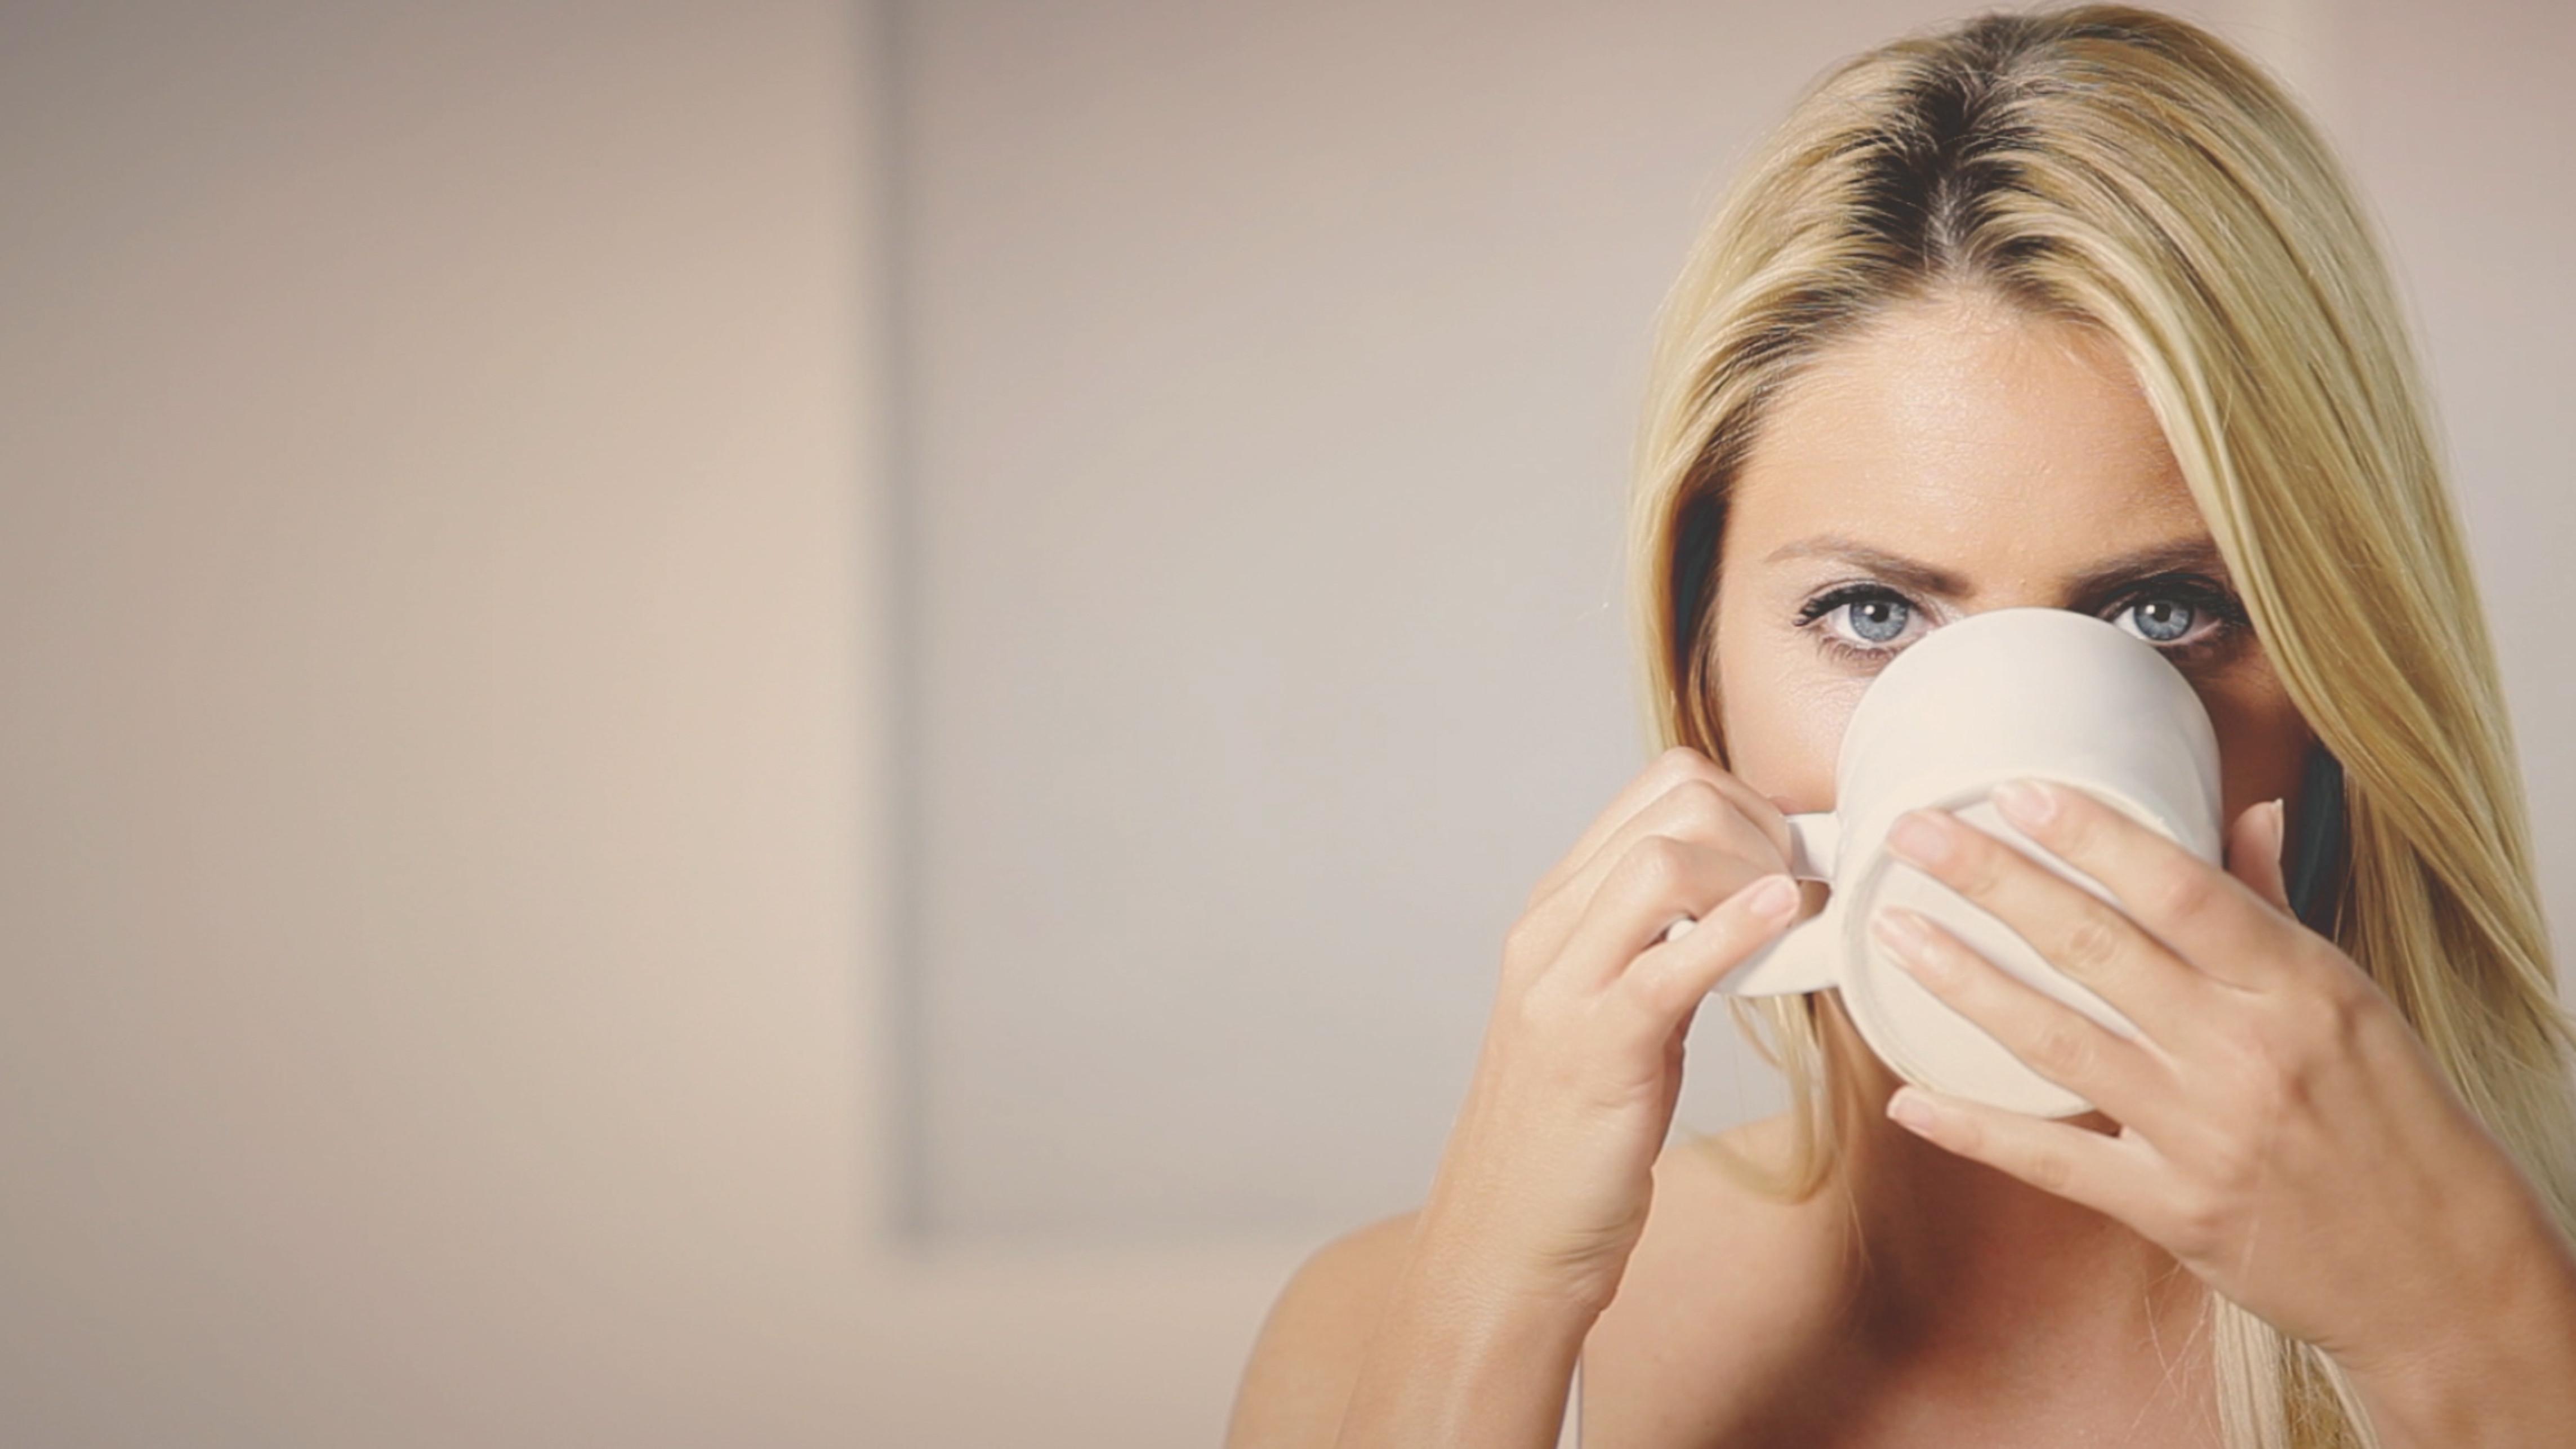 Ingerir bebidas muito quentes 'aumenta risco de câncer em 90%'